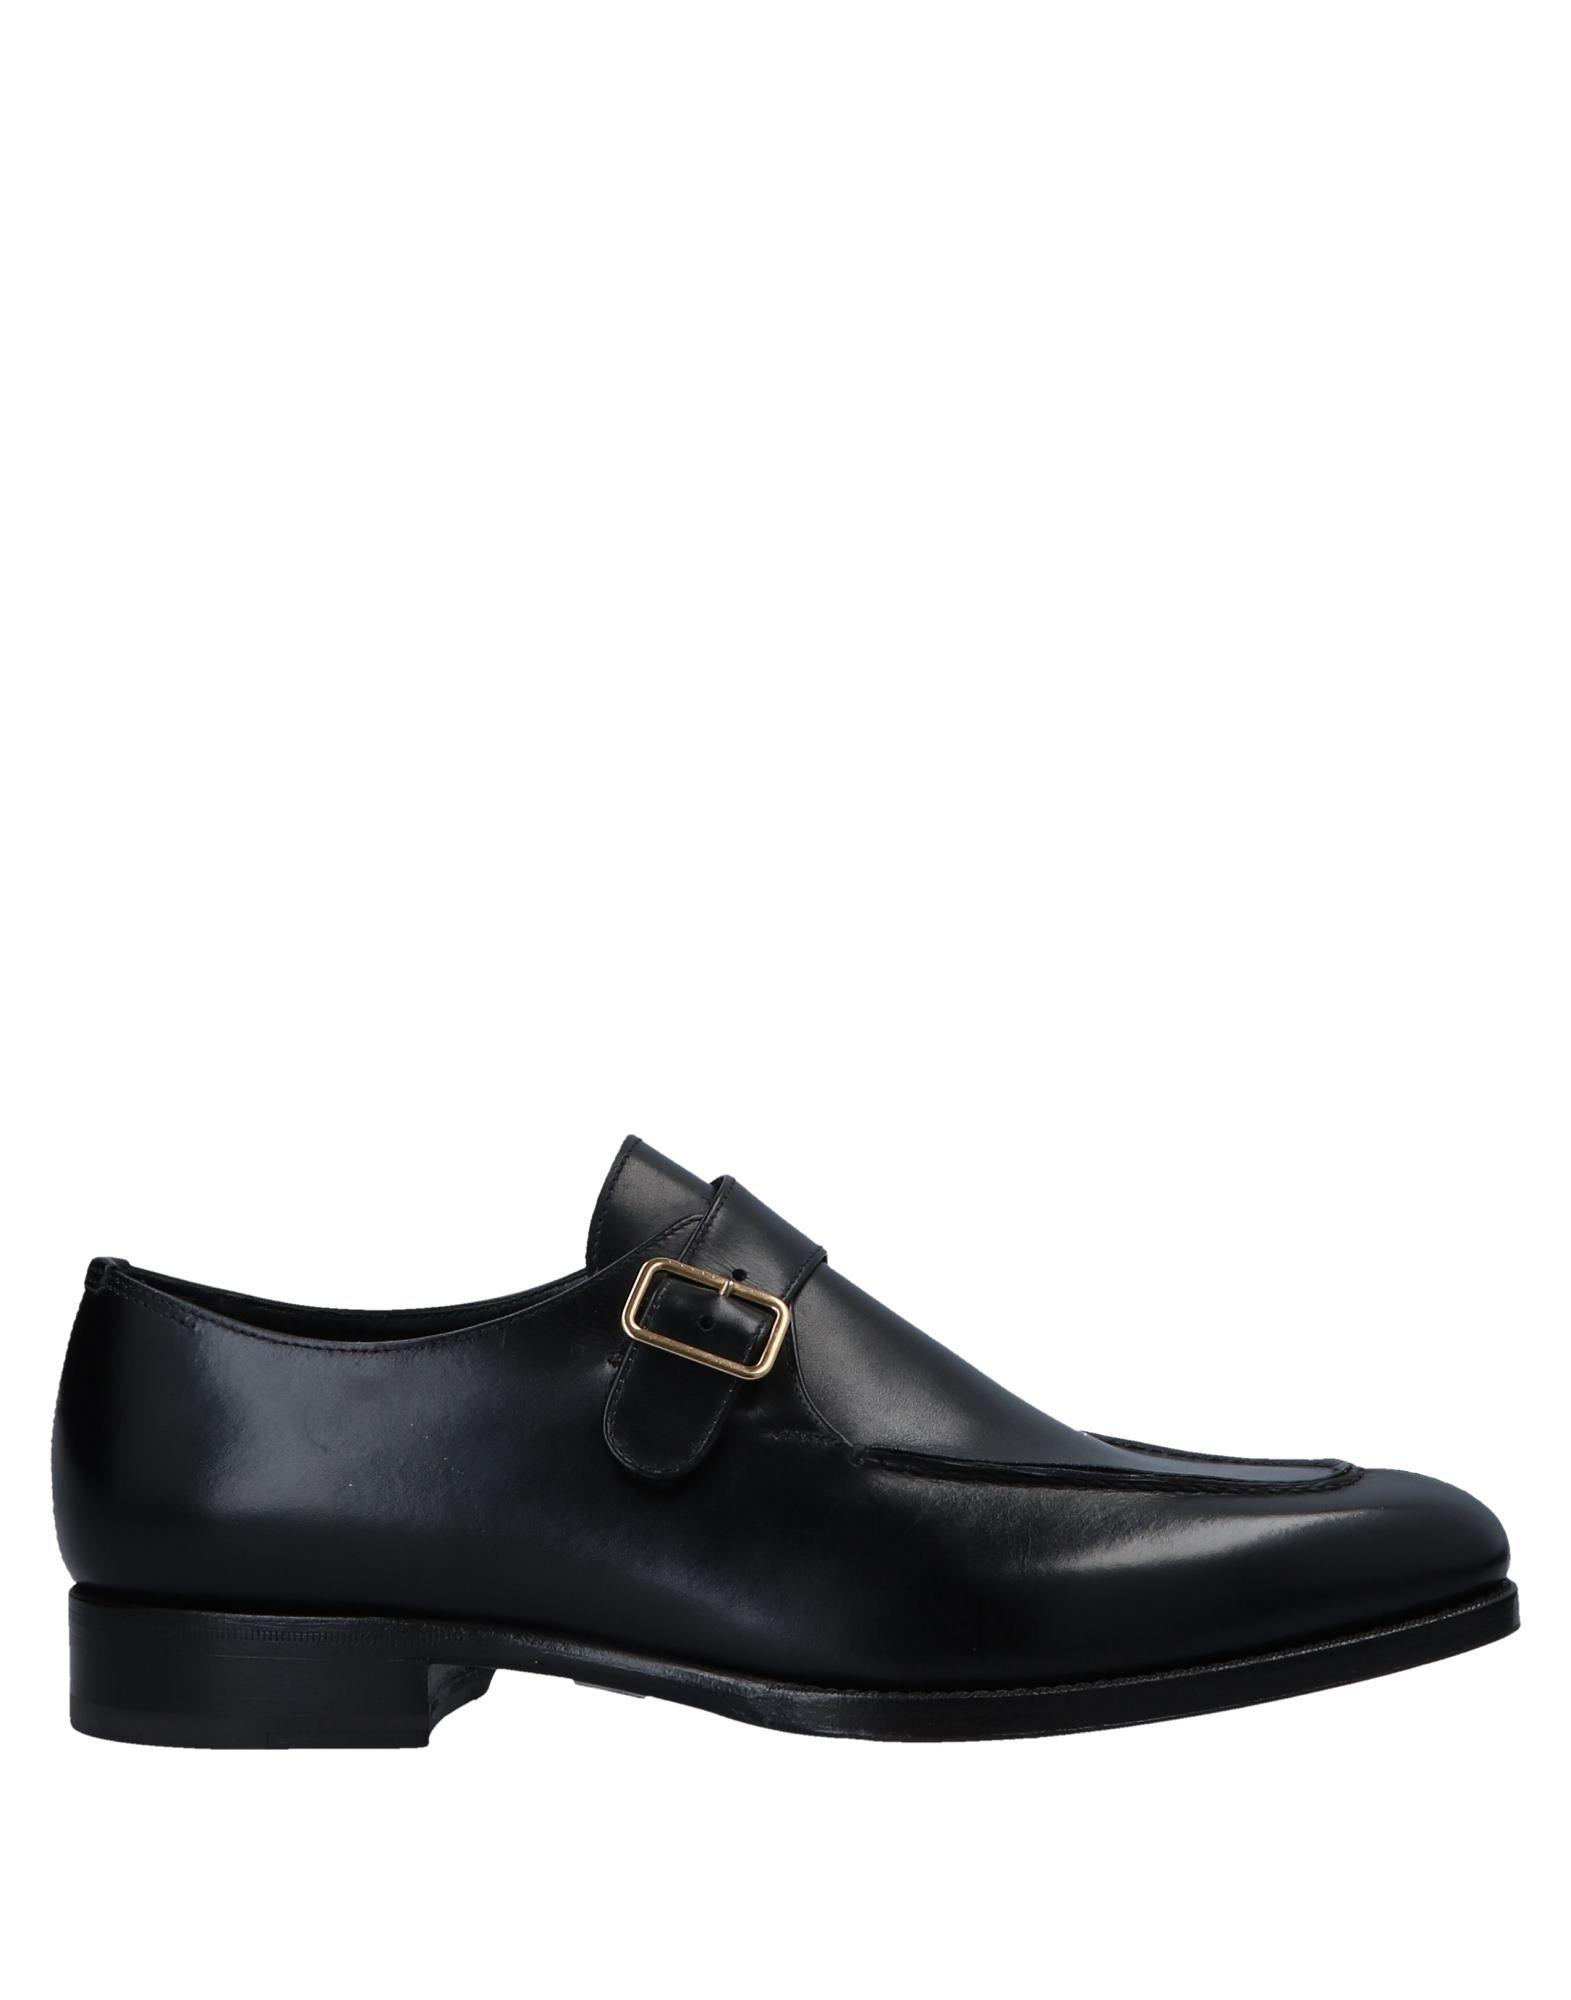 Tom Ford Mokassins Herren  Schuhe 11556172BE Gute Qualität beliebte Schuhe  8896a7